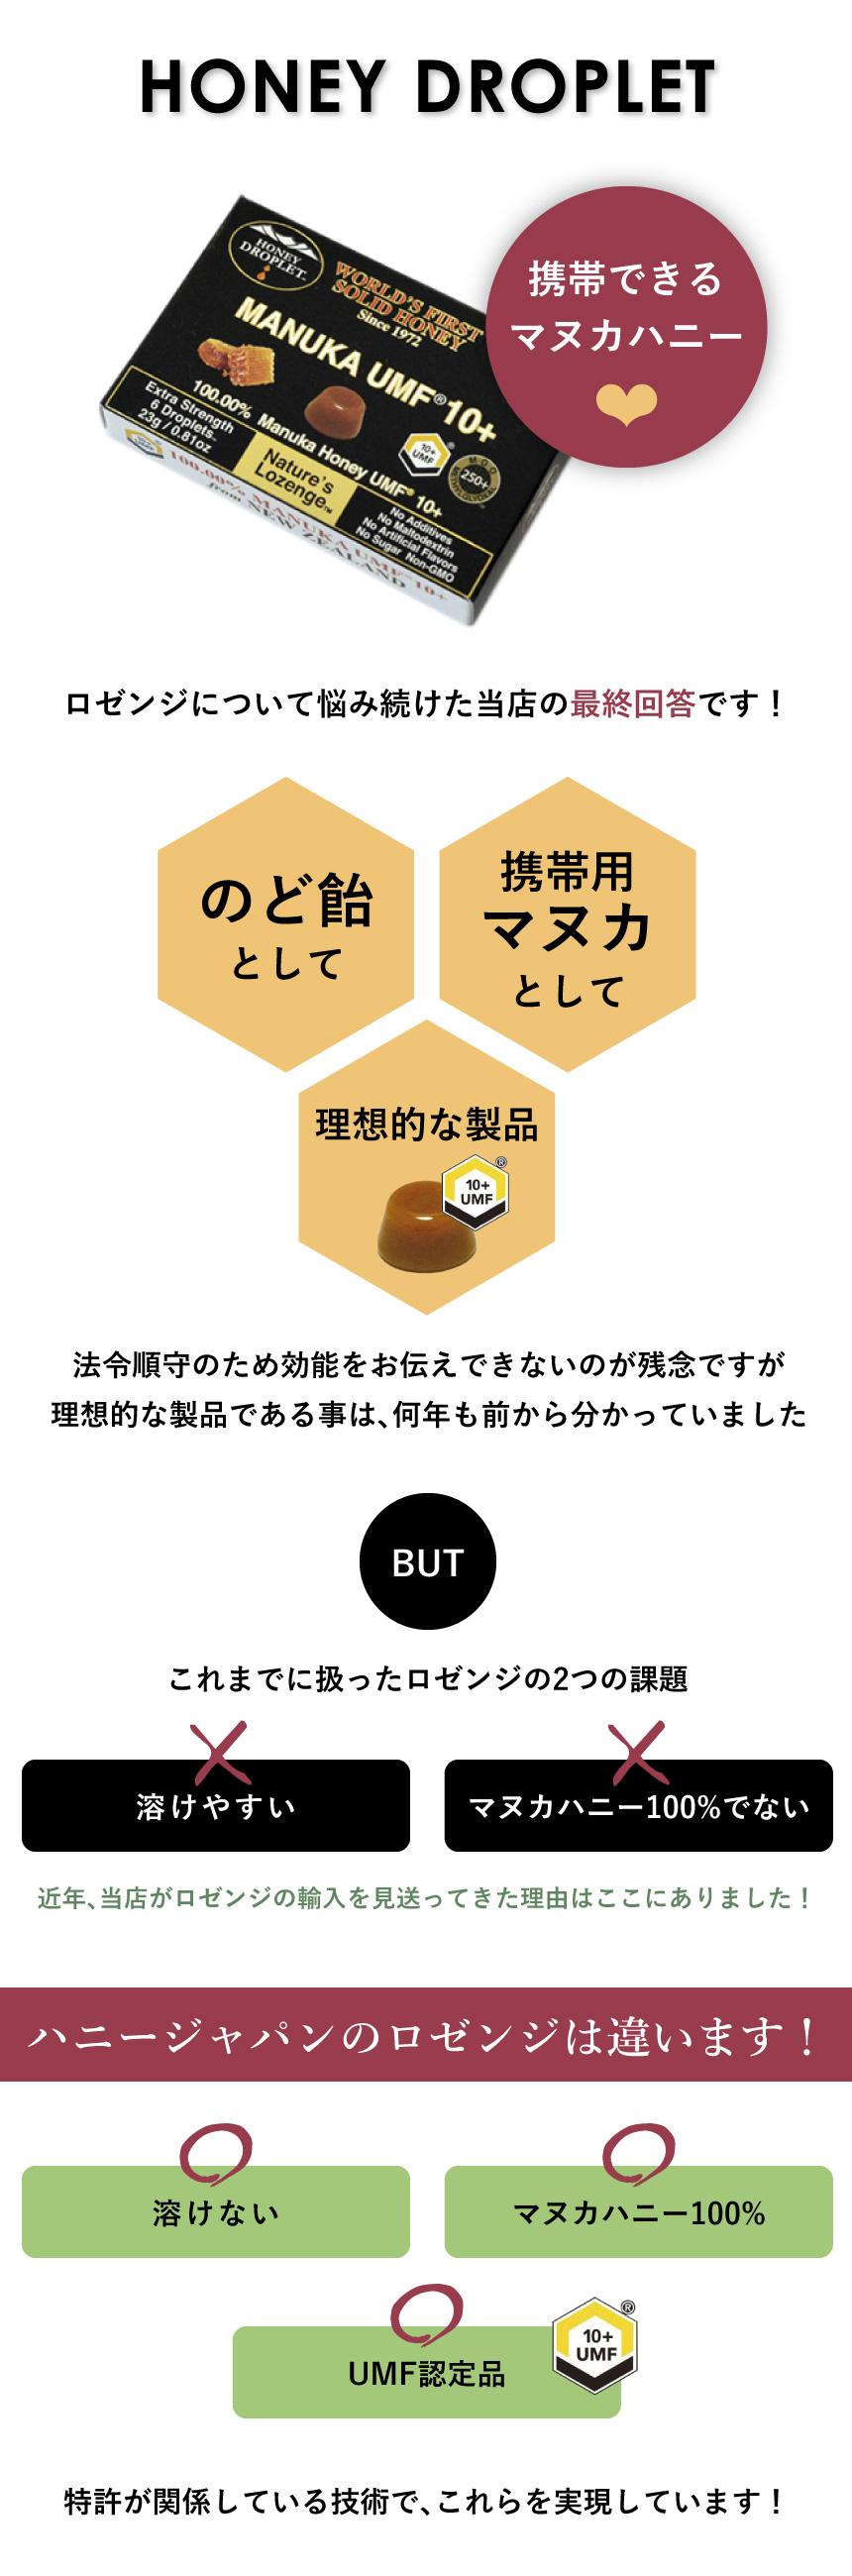 マヌカハニー100%  ハニードロップレットUMF10+ ロゼンジ